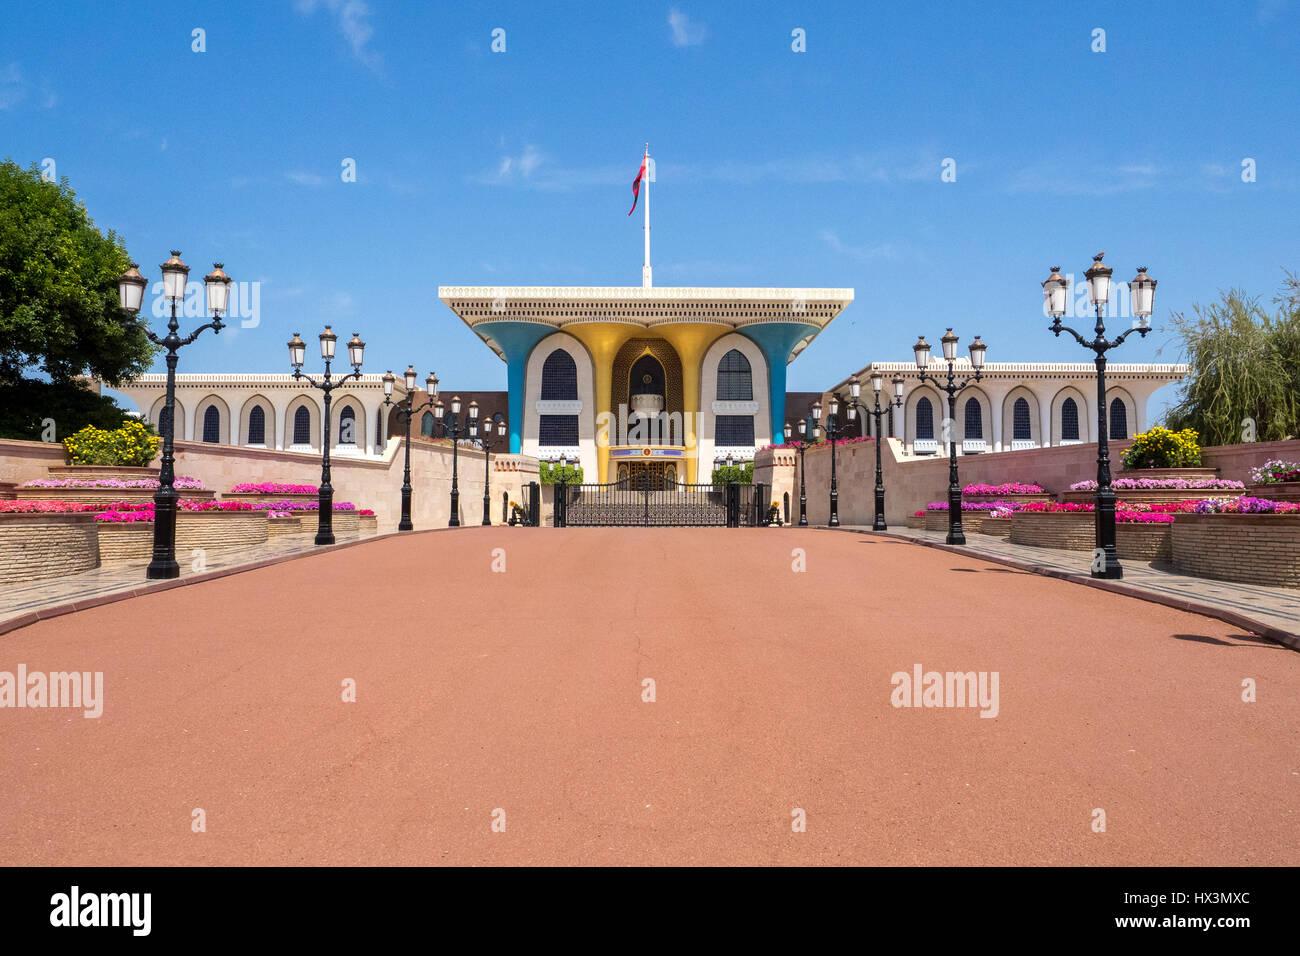 Vista frontale del Palazzo Reale del Sultano bin Al Qaboos in Muscat Muttrah, Oman Immagini Stock